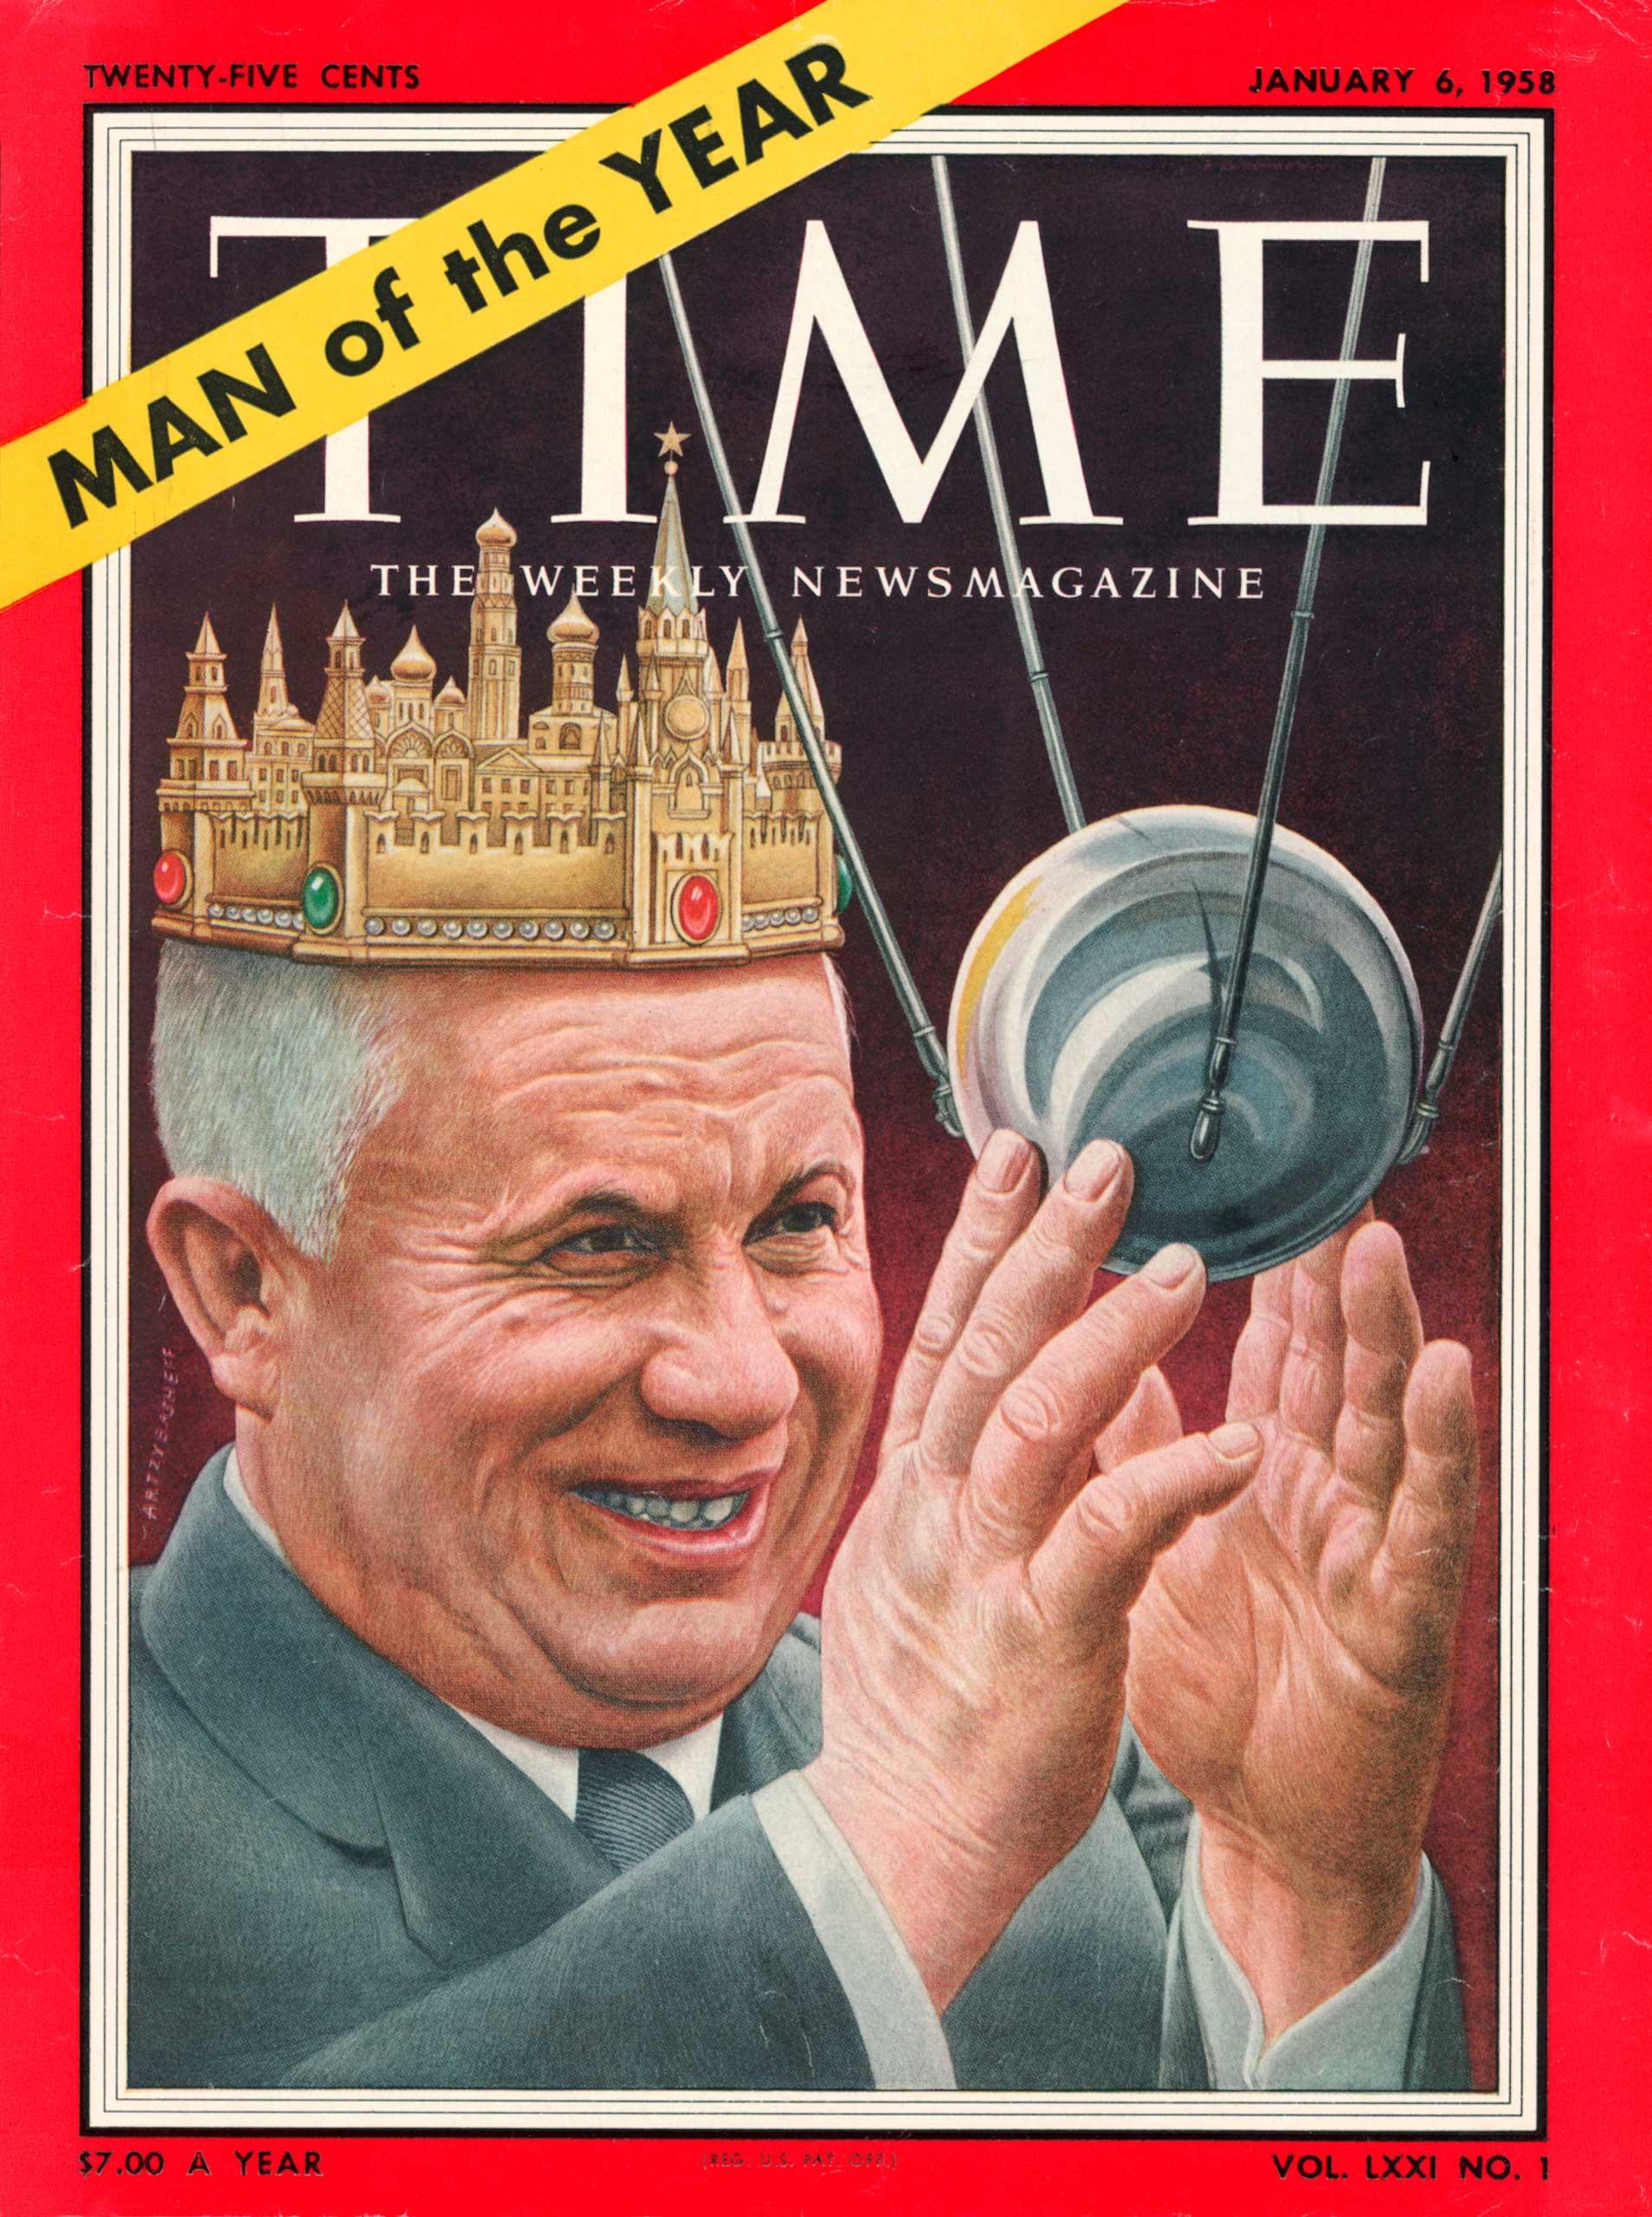 1957: Nikita Khrushchev